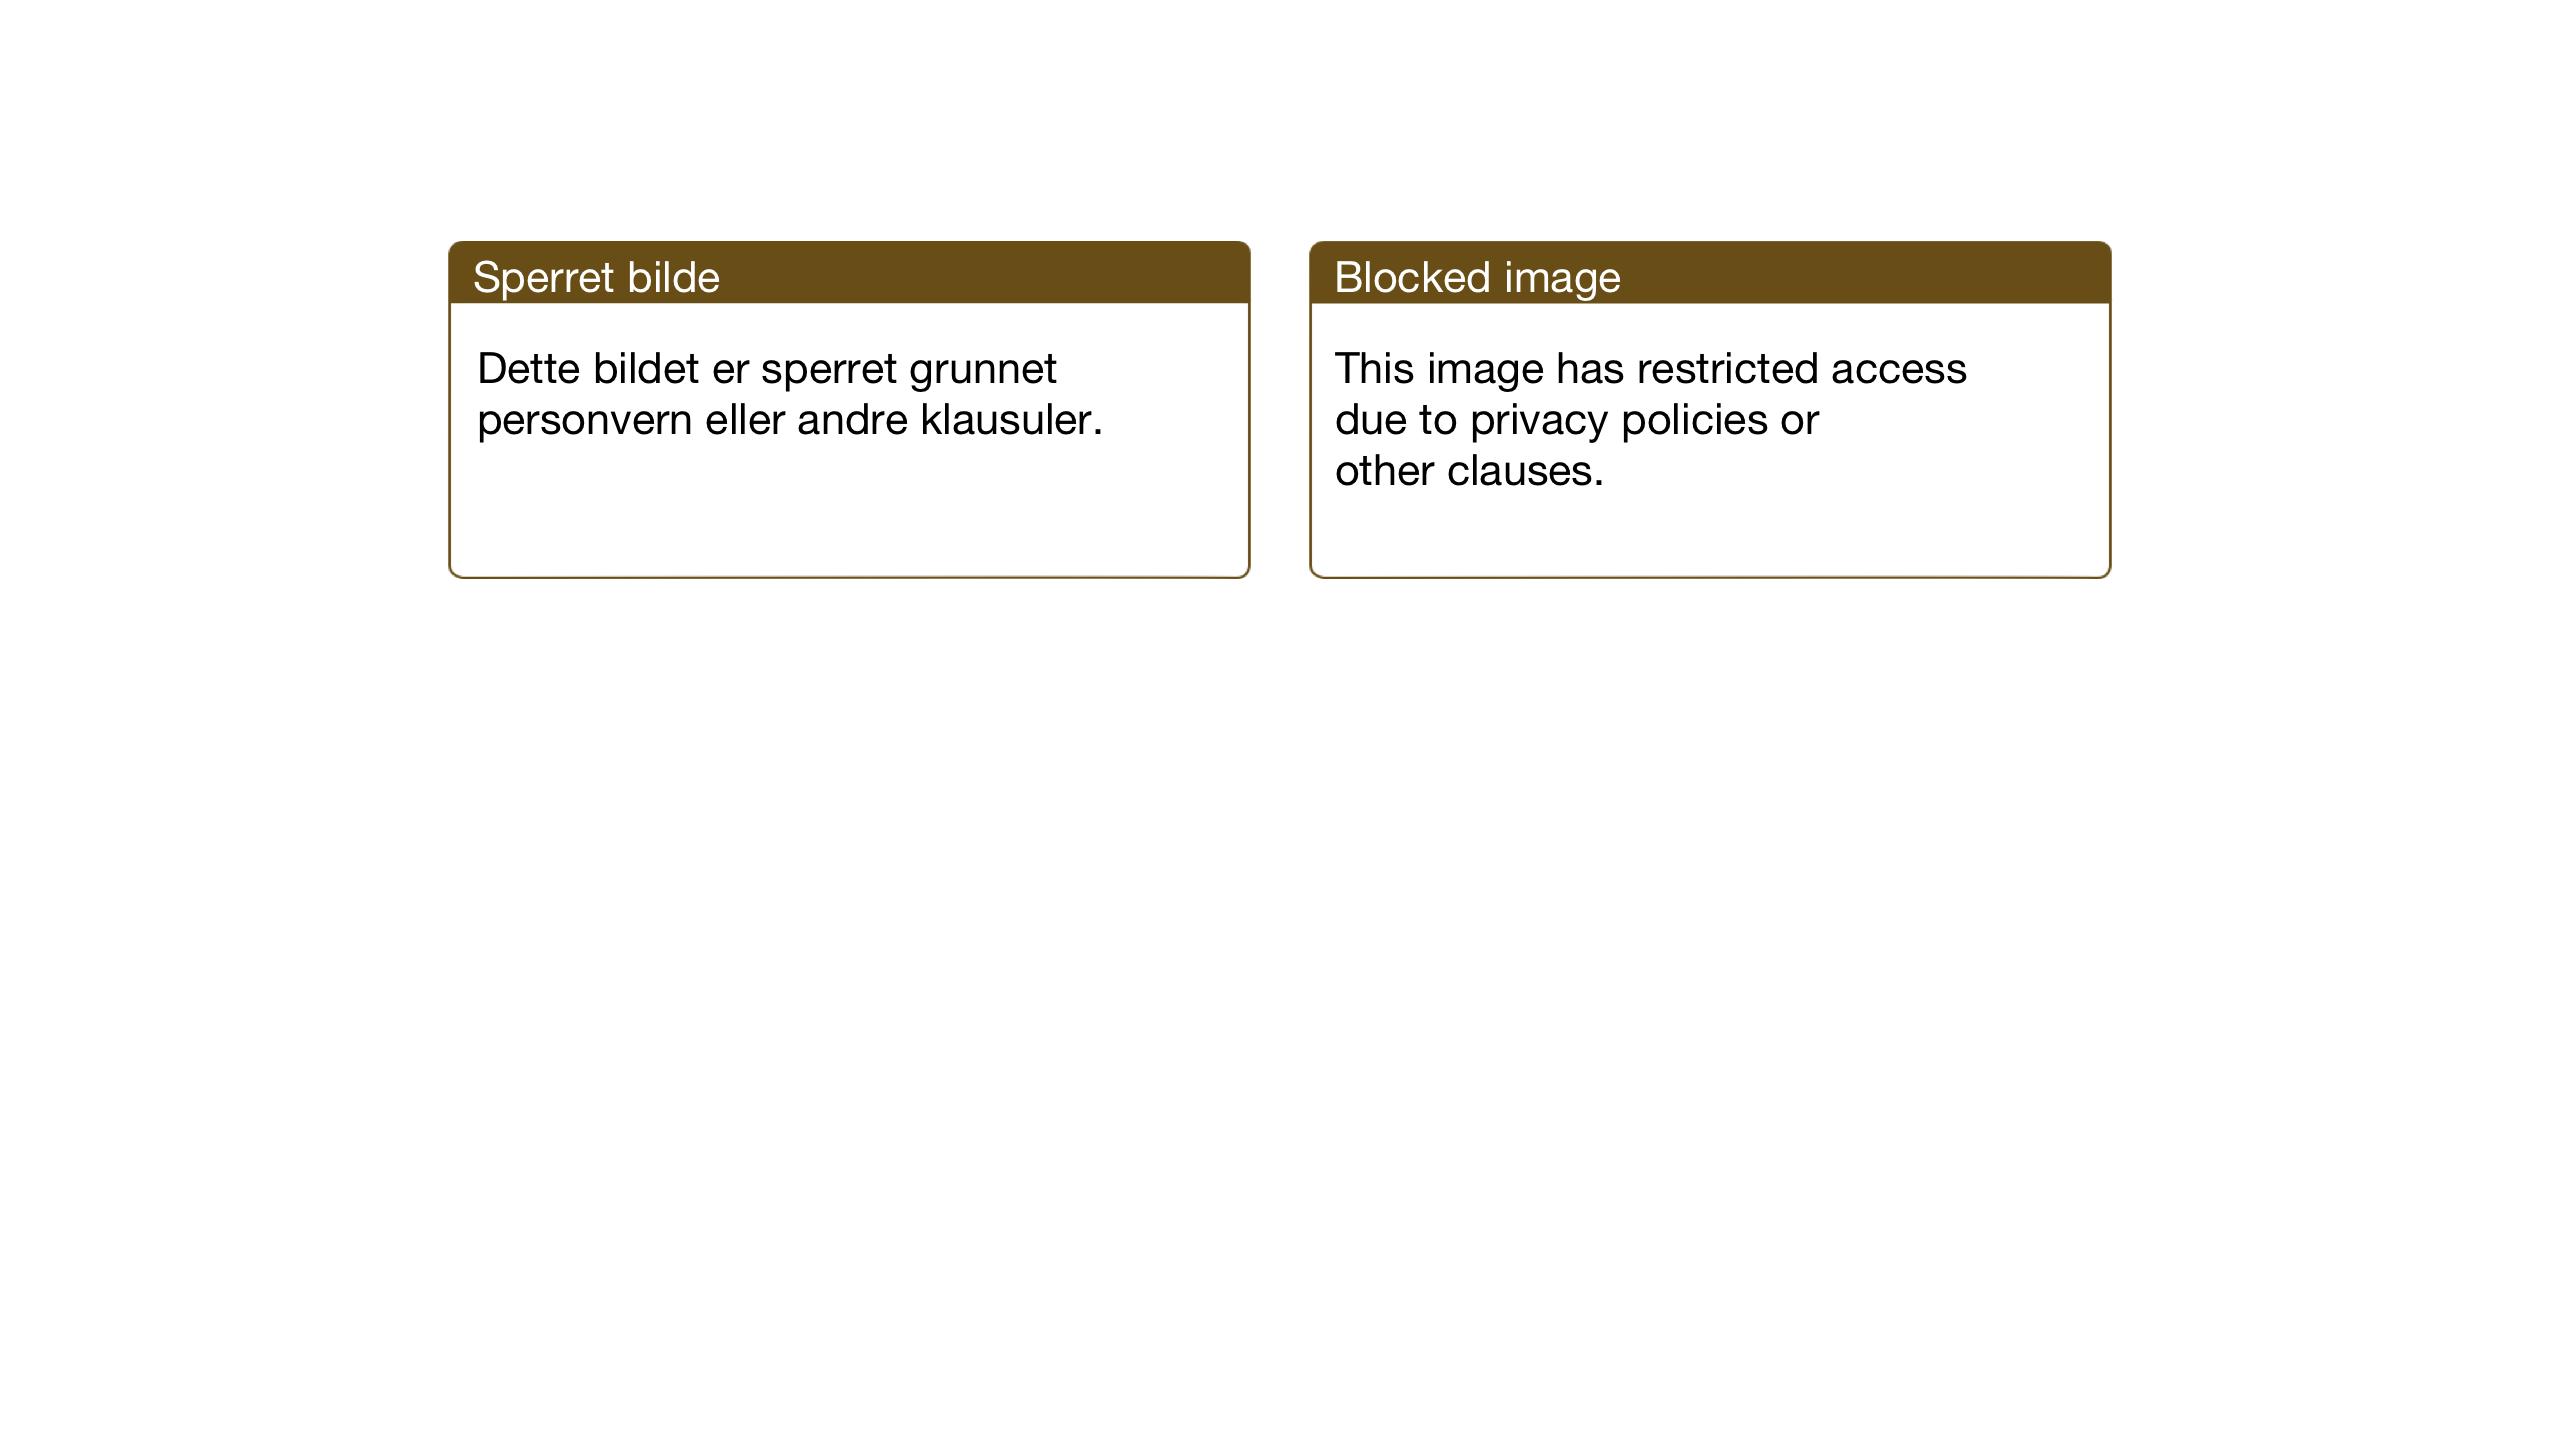 SAT, Ministerialprotokoller, klokkerbøker og fødselsregistre - Sør-Trøndelag, 653/L0658: Klokkerbok nr. 653C02, 1919-1947, s. 80